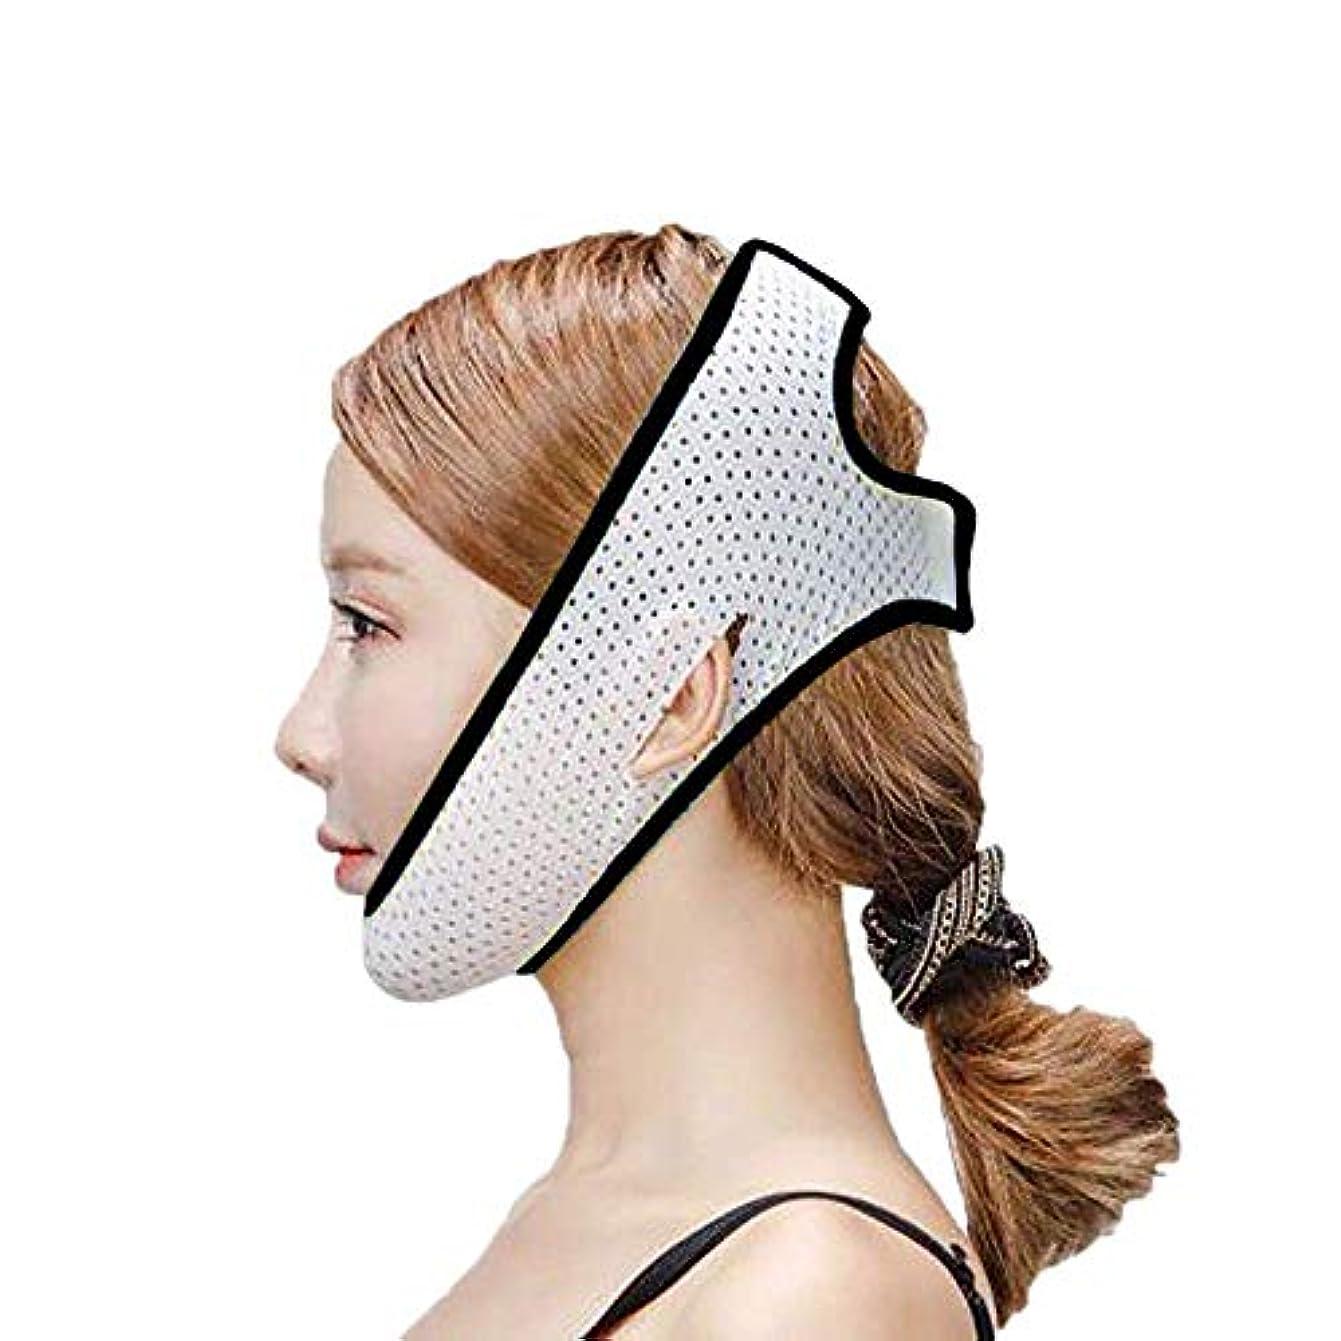 誇張類似性筋肉のフェイスリフトマスク、ダブルチンストラップ、フェイシャル減量マスク、フェイシャルダブルチンケアスリミングマスク、リンクルマスク(フリーサイズ)(カラー:ブラック),ブラック